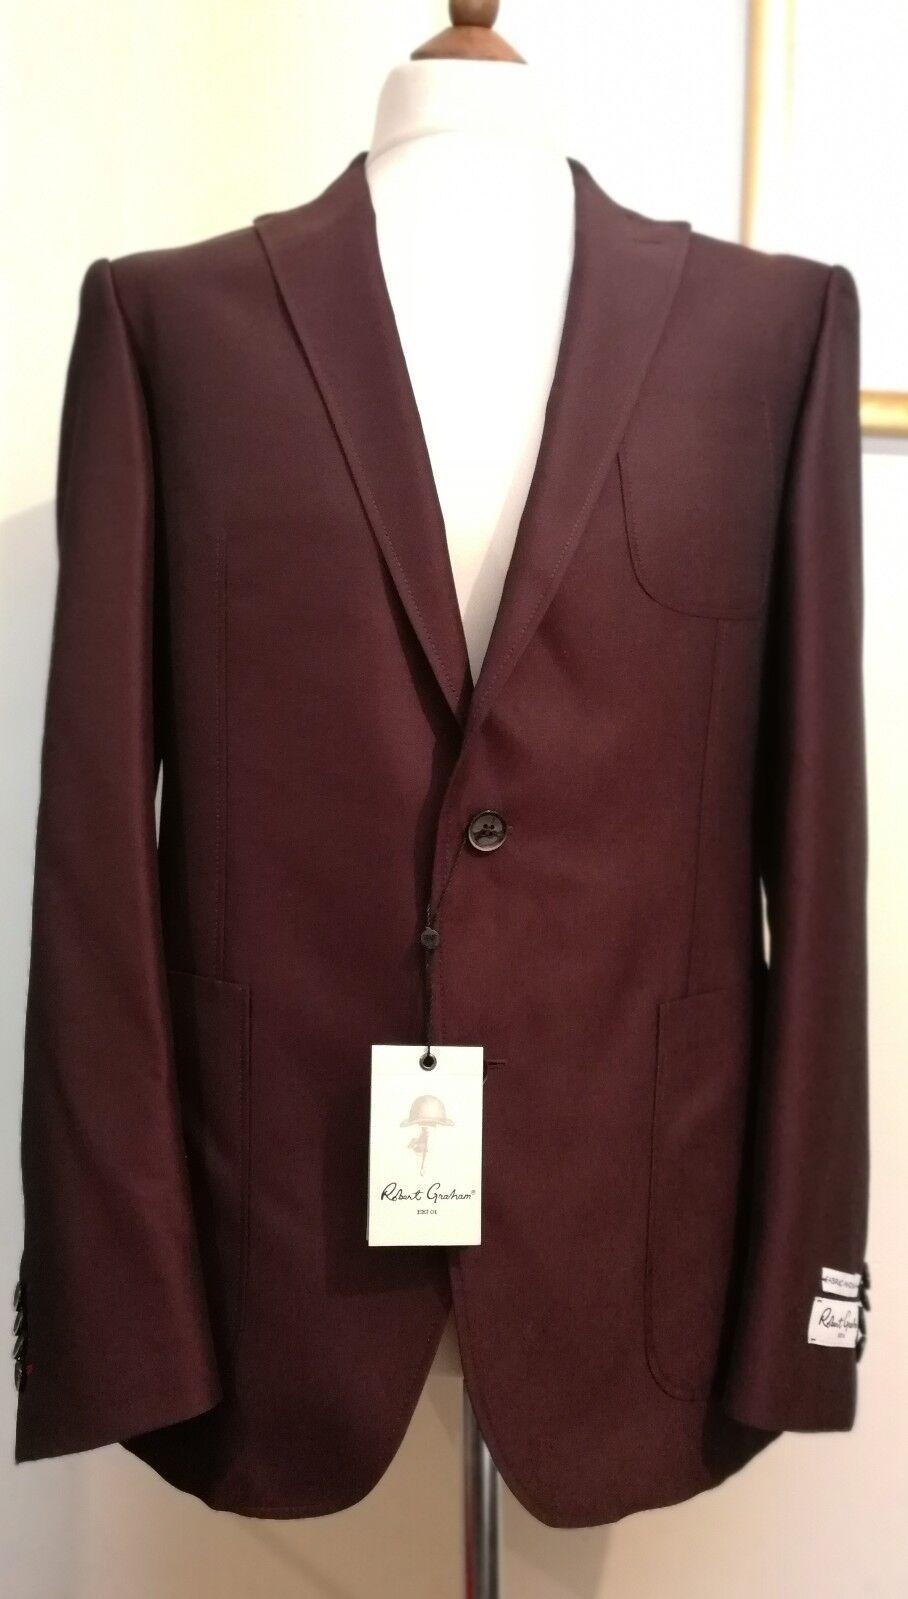 Robert Graham Leighton Two Piece Suit Bordeaux Größe uk 42 eu 52   | Vielfältiges neues Design  | Genial  | Verschiedene Waren